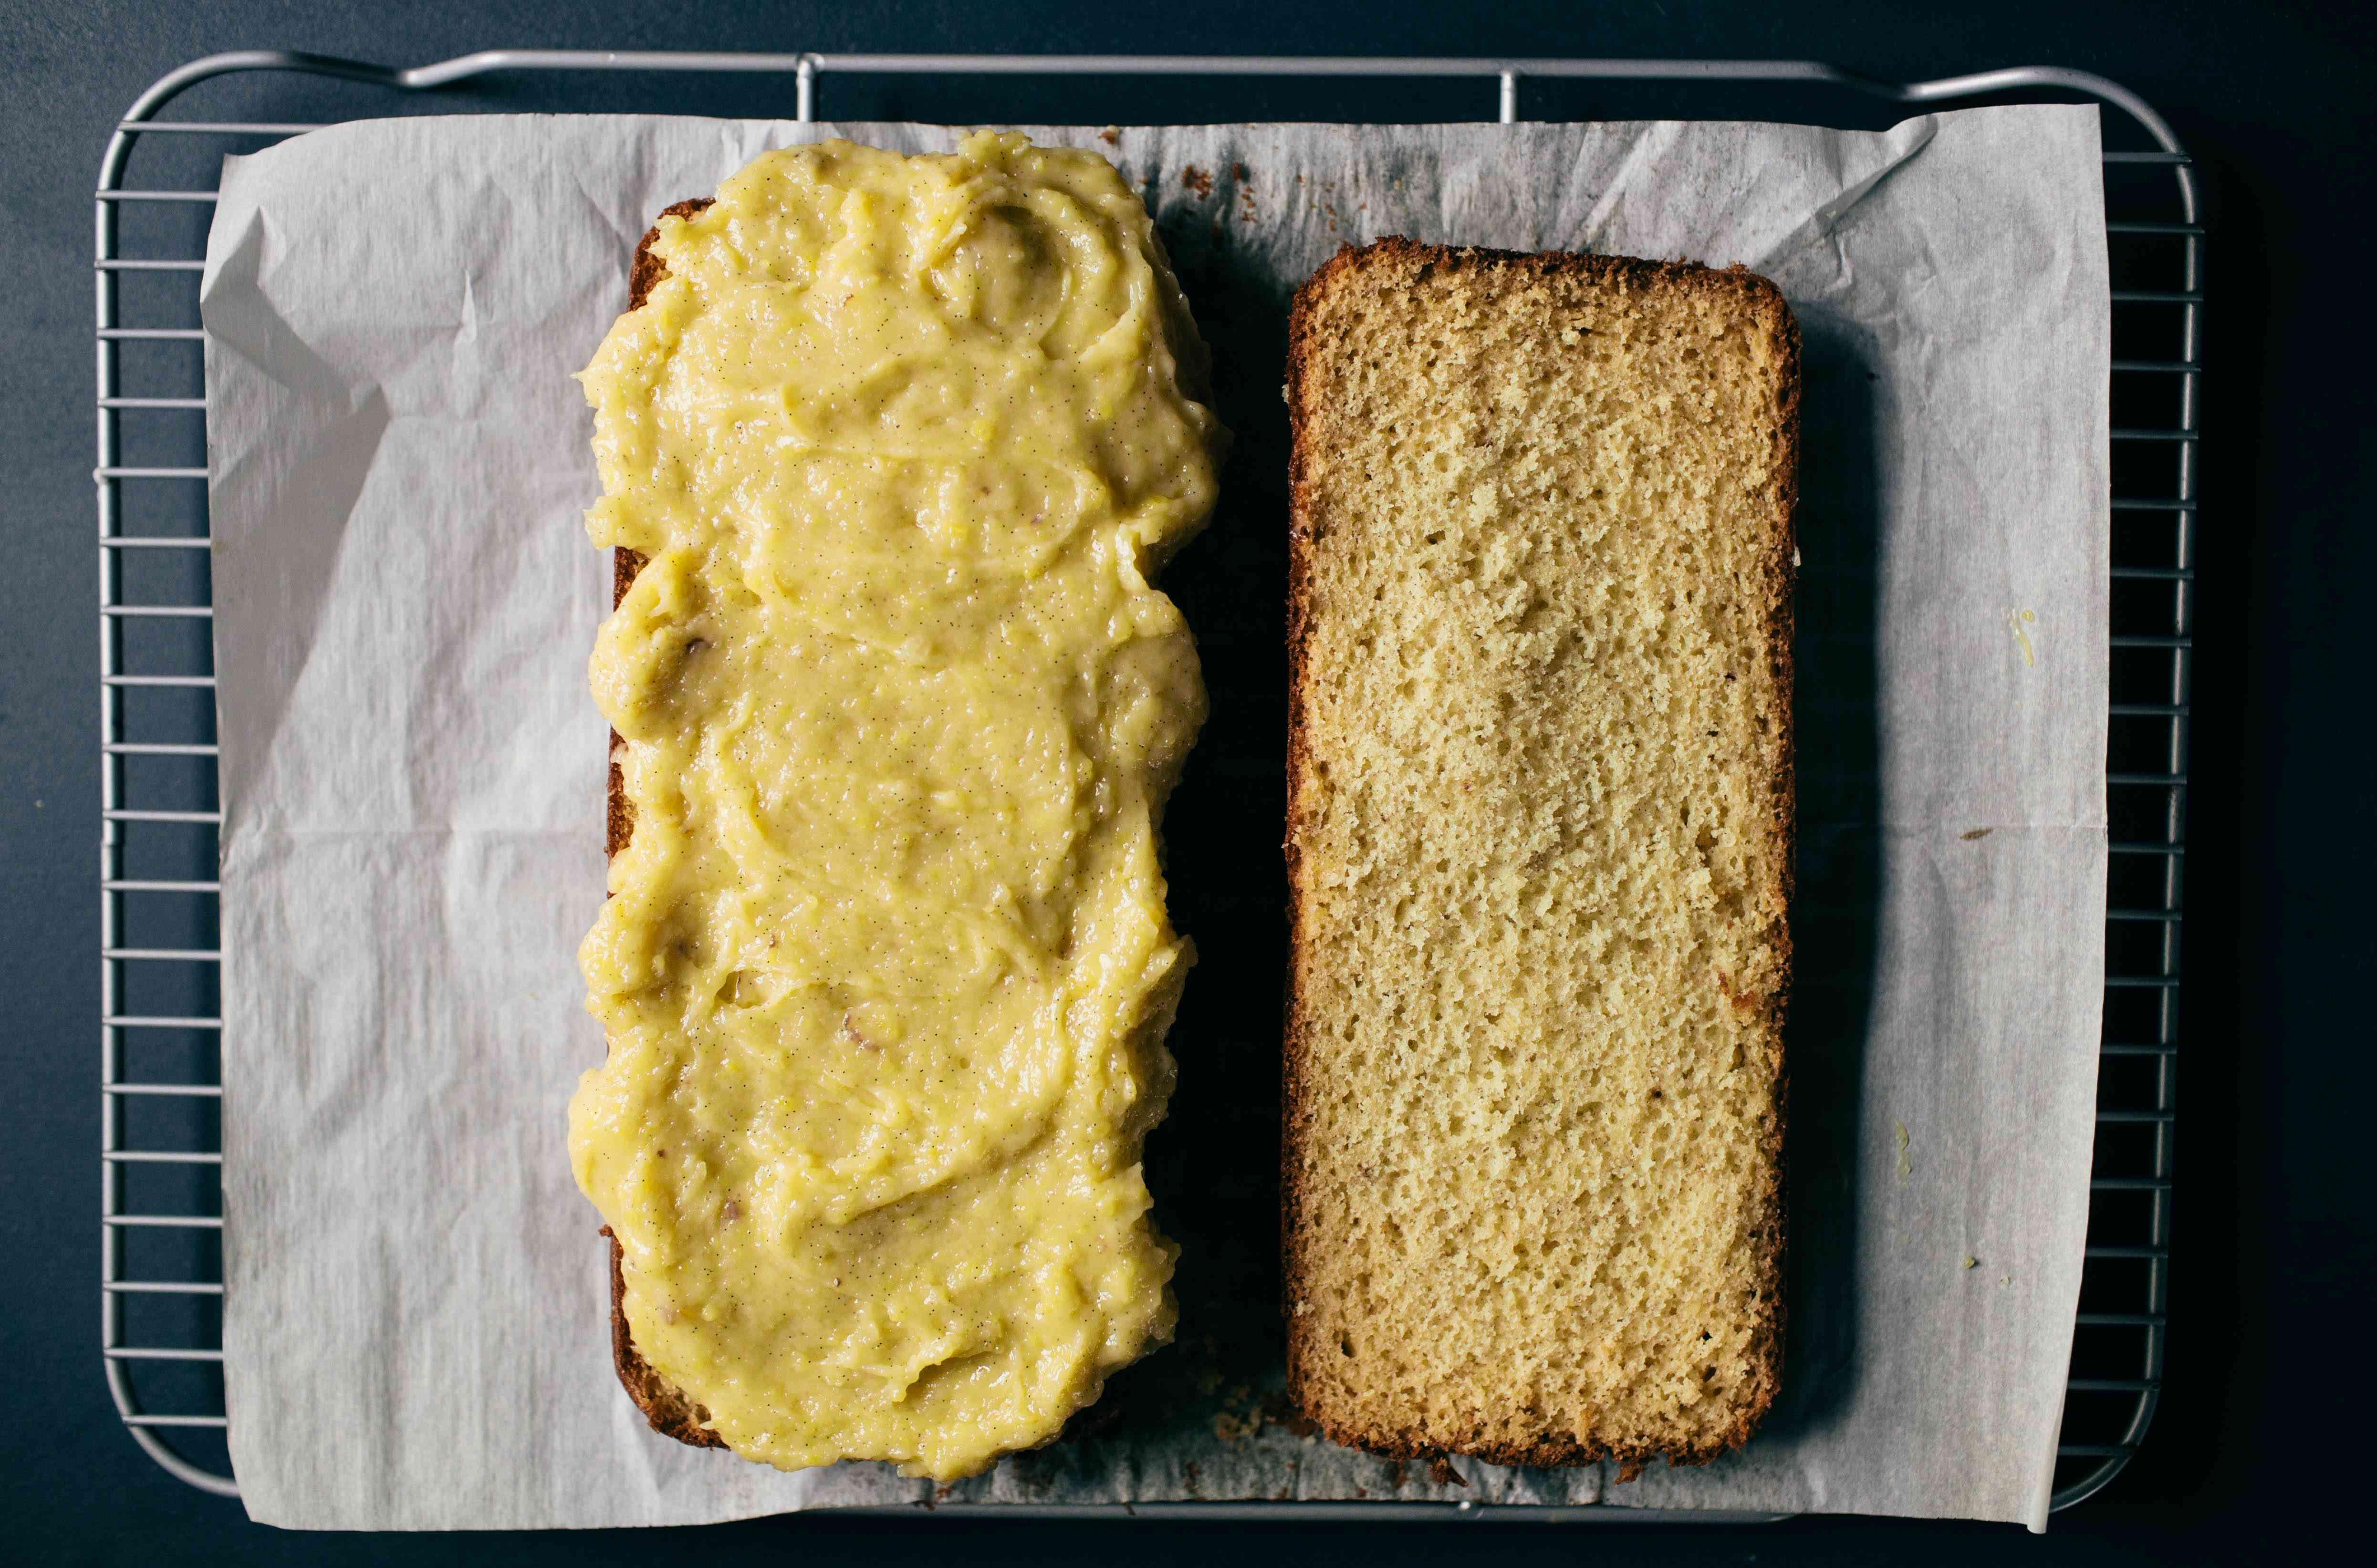 spready pastry cream on eclair cake halves